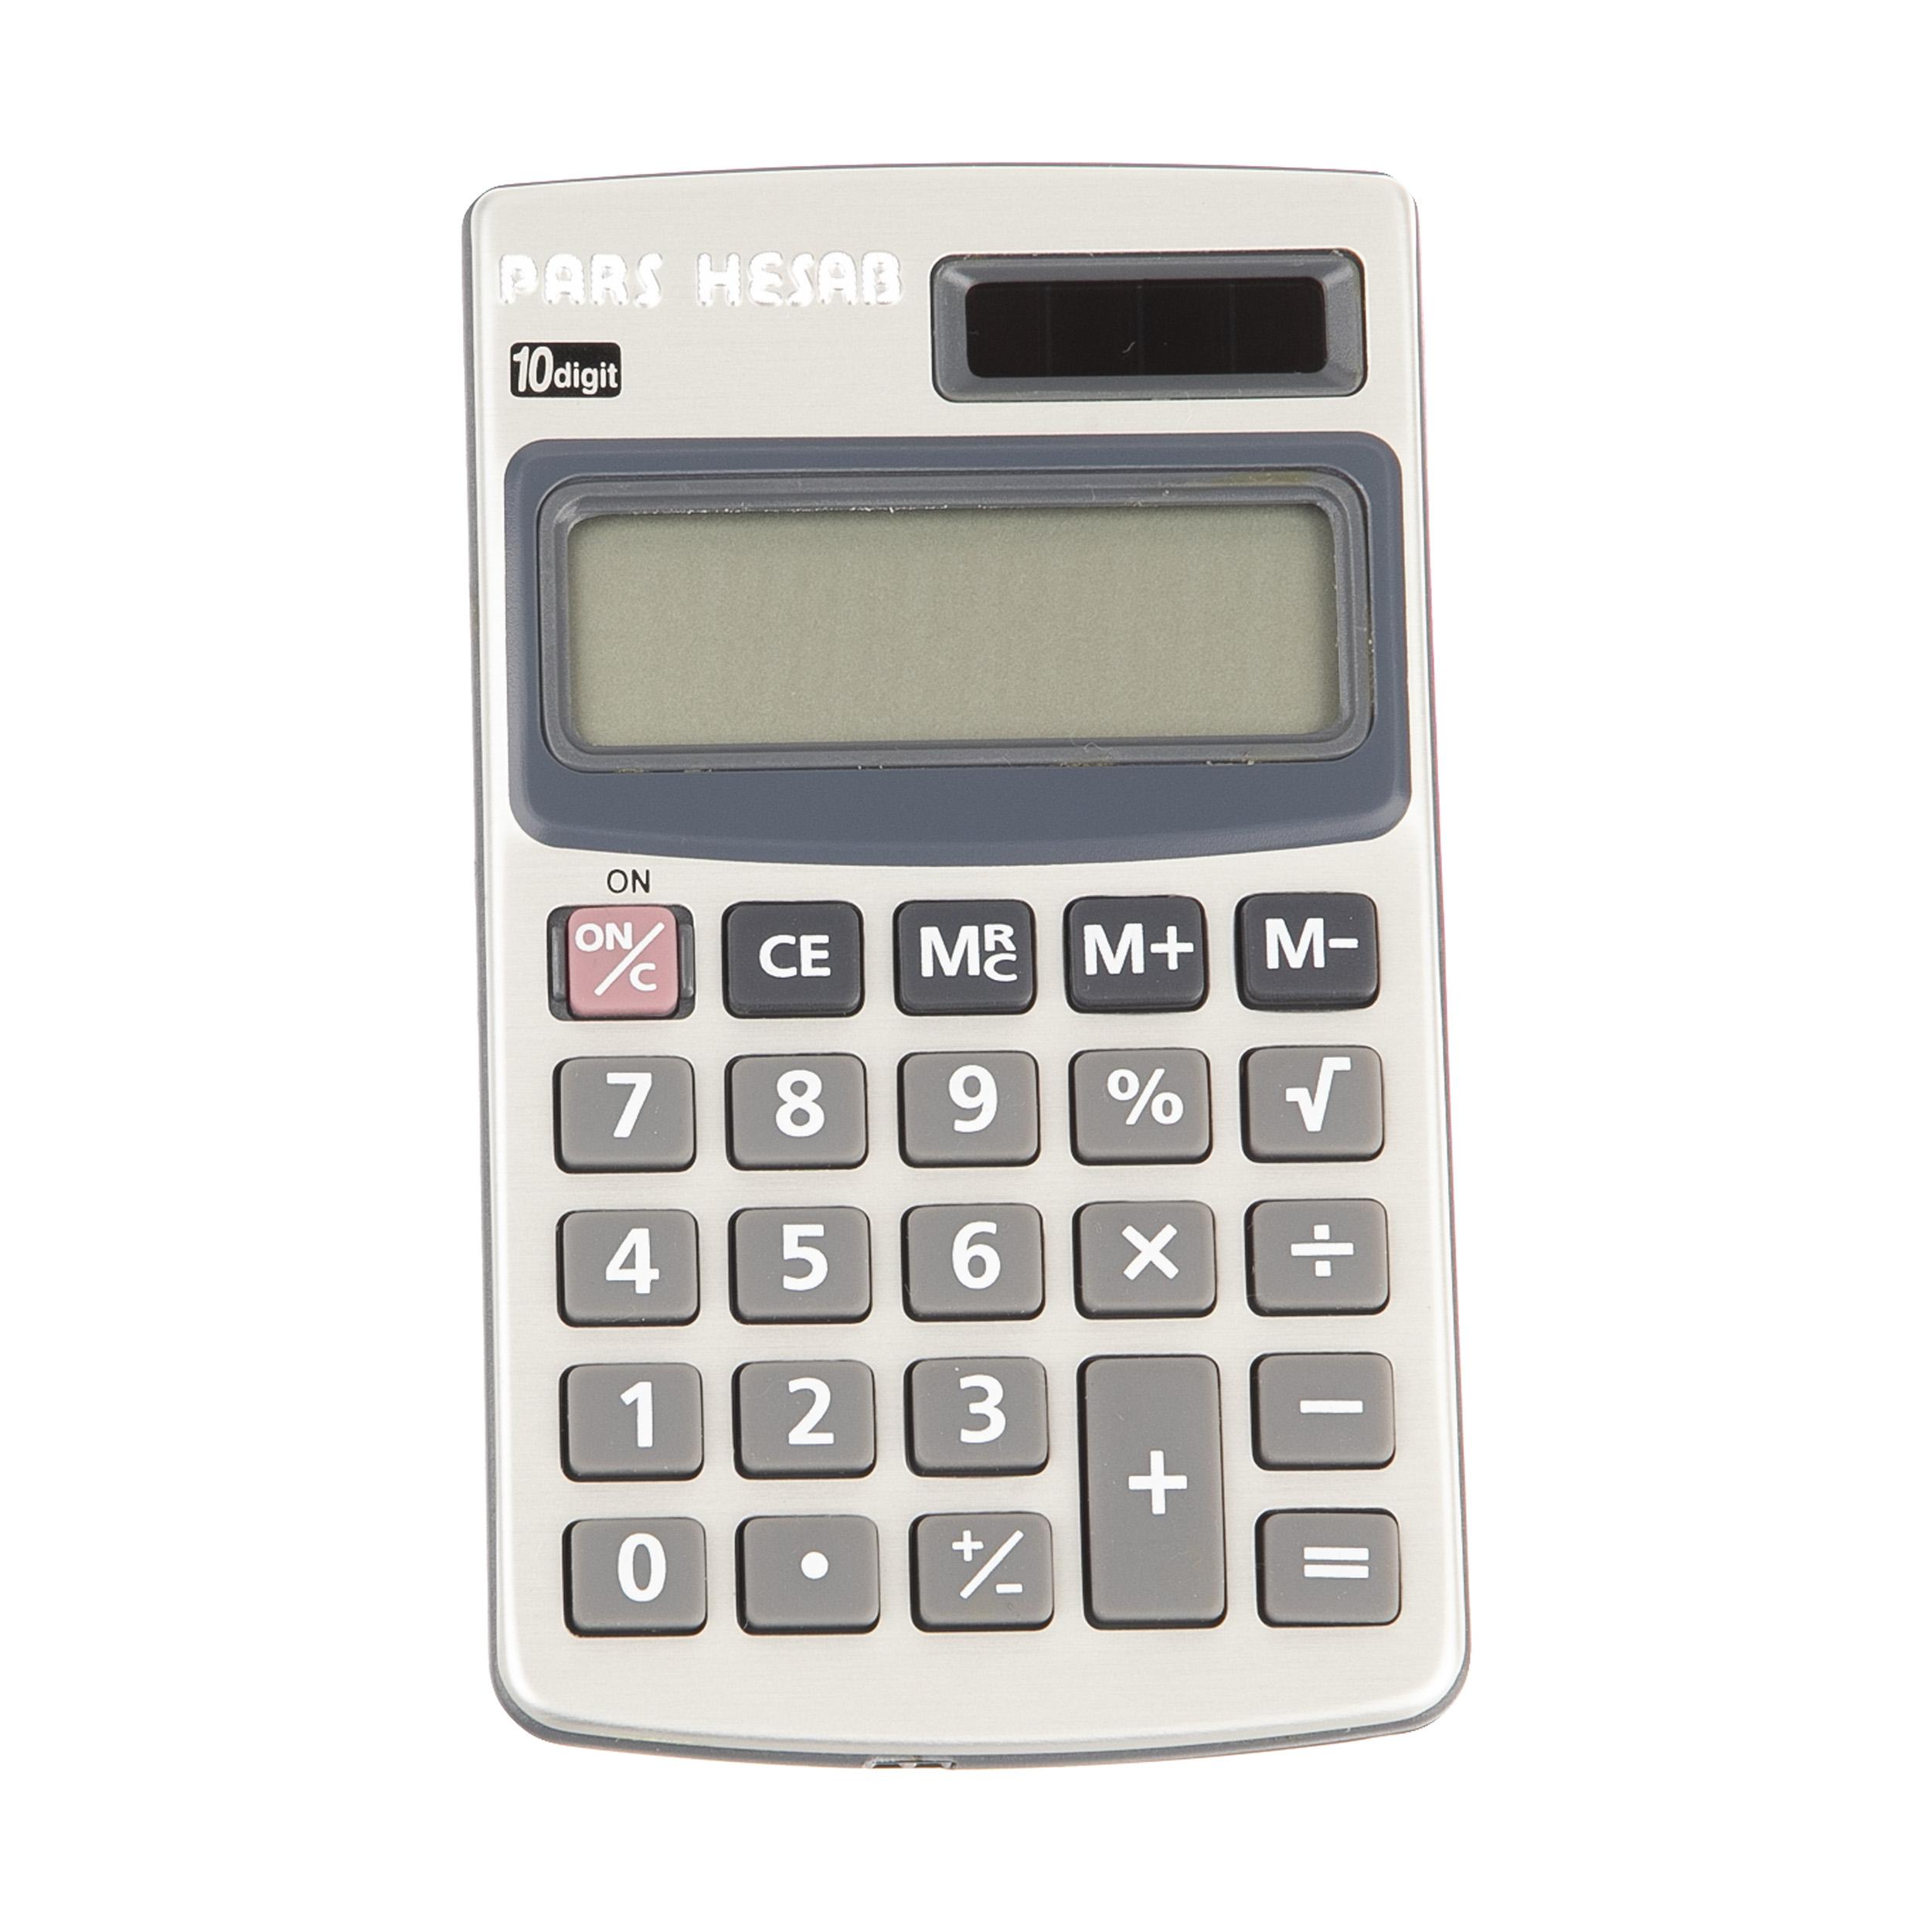 ماشین حساب پارس حساب مدل PS-100L